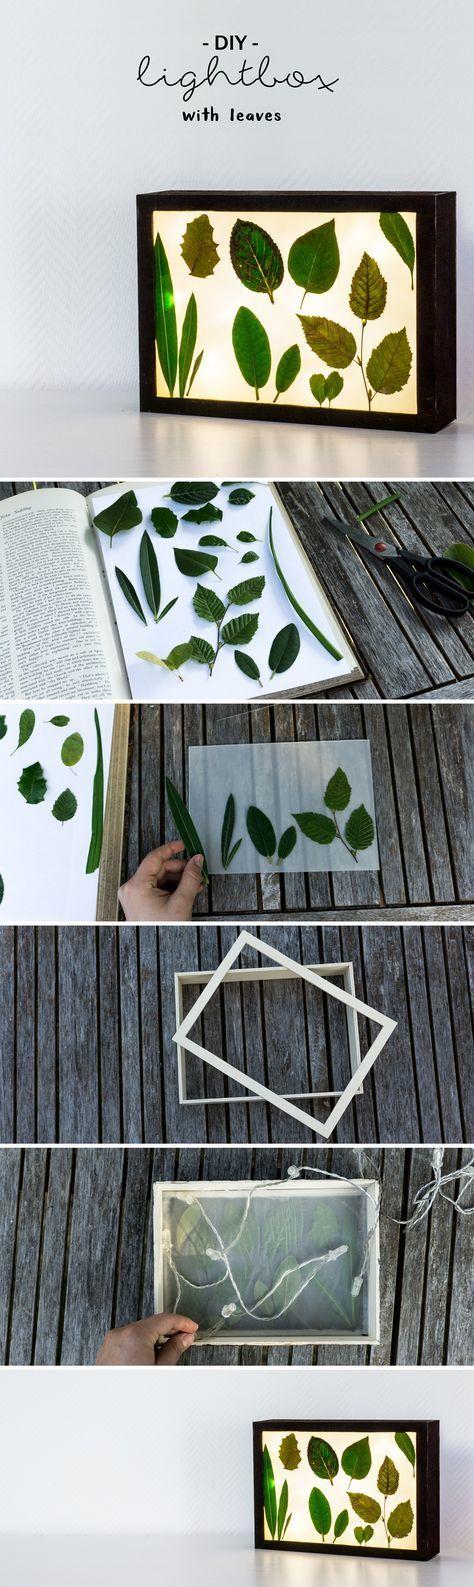 DIY Florale Lichtbox selber bauen: So funktioniert es! - Geschenke Verpacken -